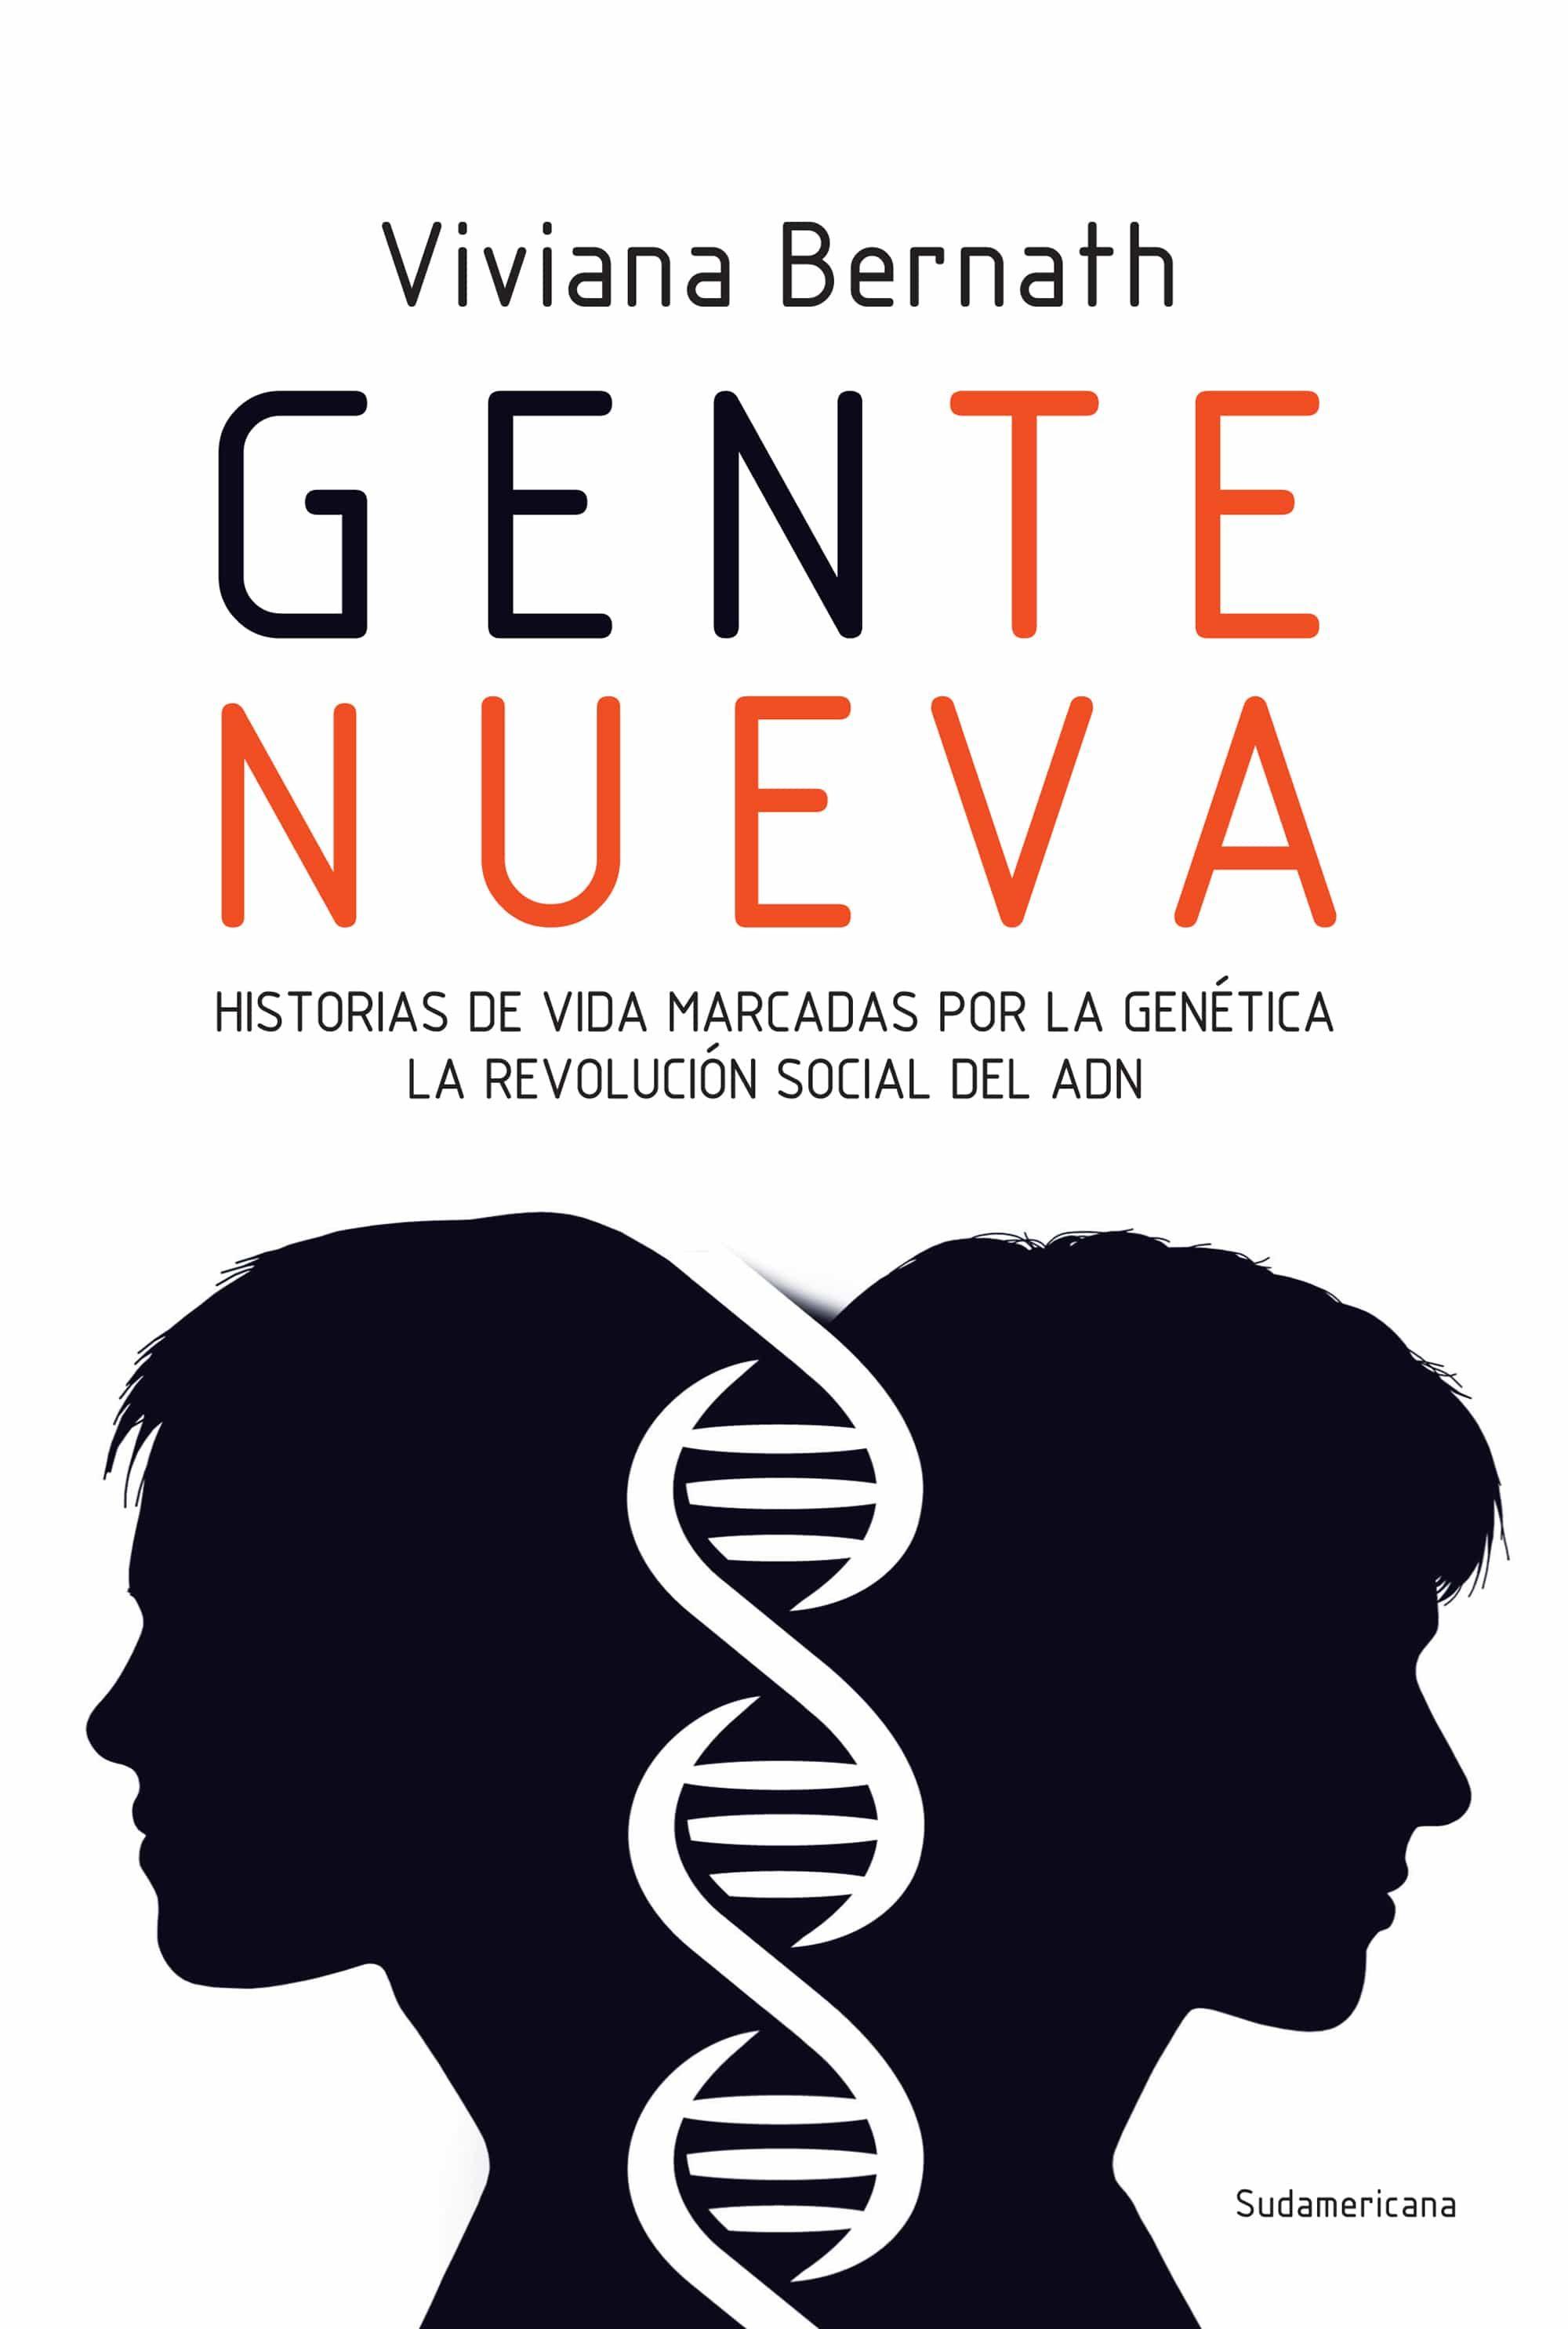 Gente nueva: Historias de vida marcadas por la genética. La revolución social del ADN.